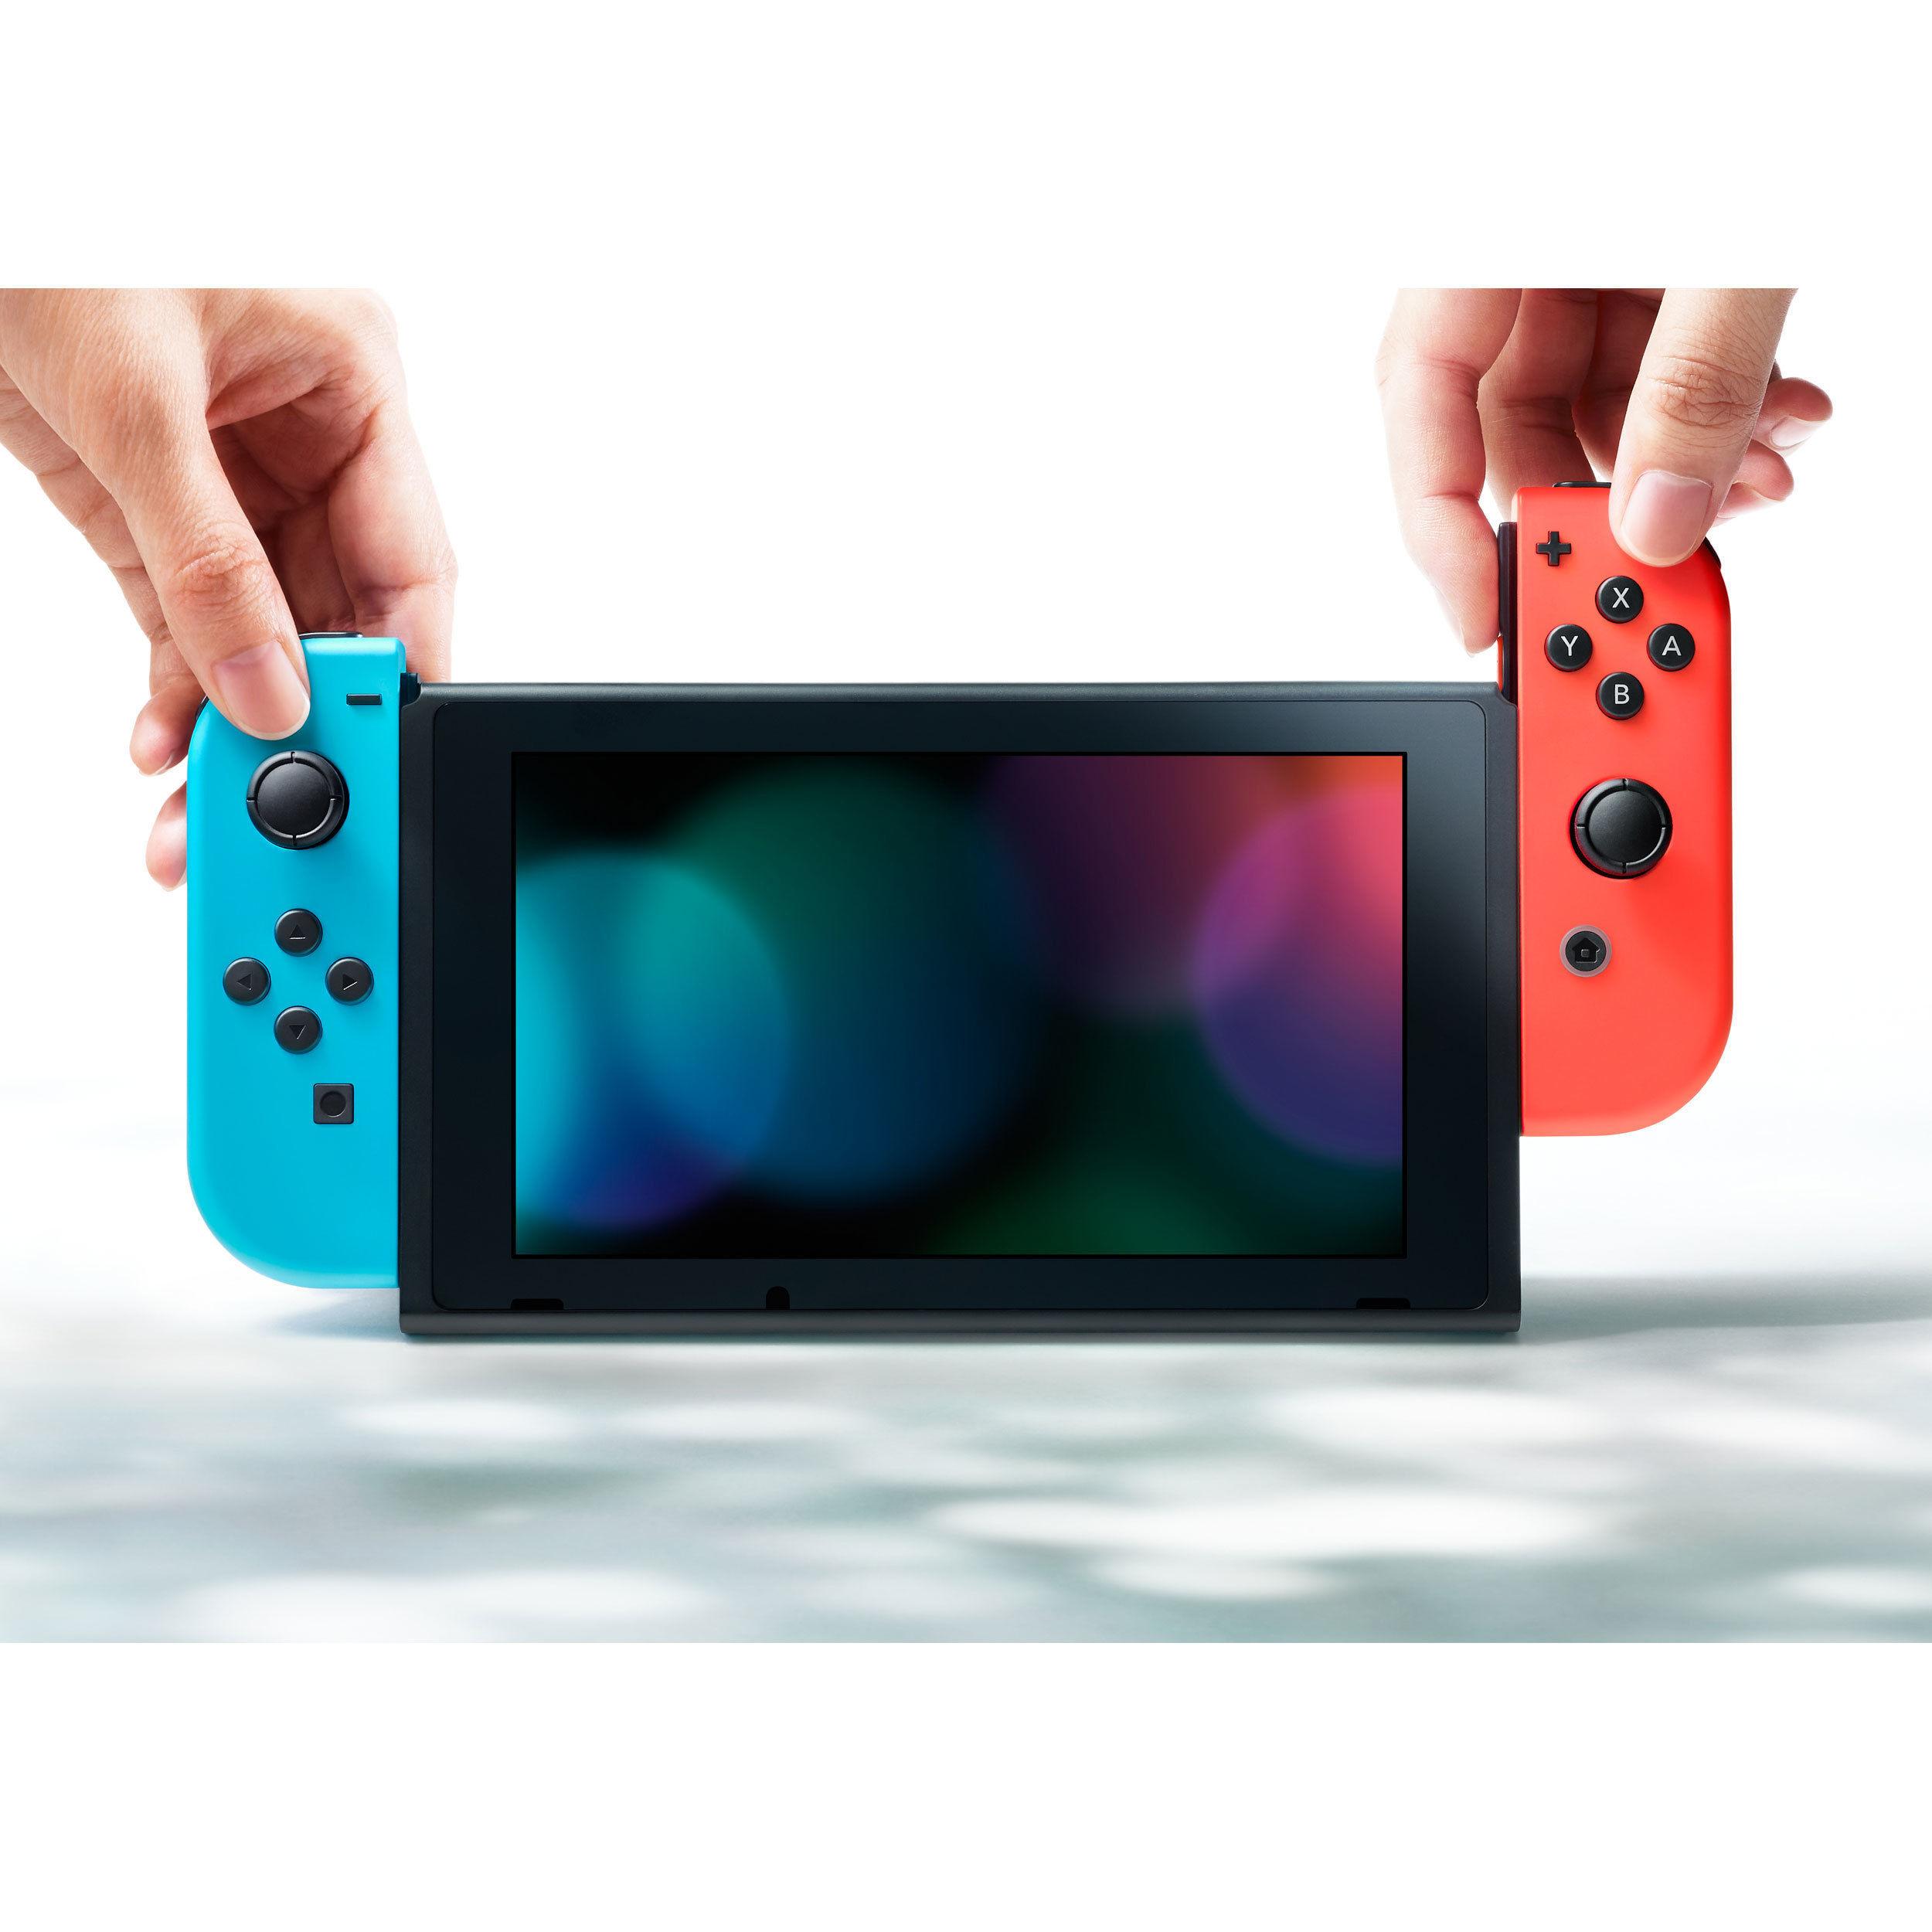 Paire de manettes Joy-Con gauche bleue néon & droite rouge néon